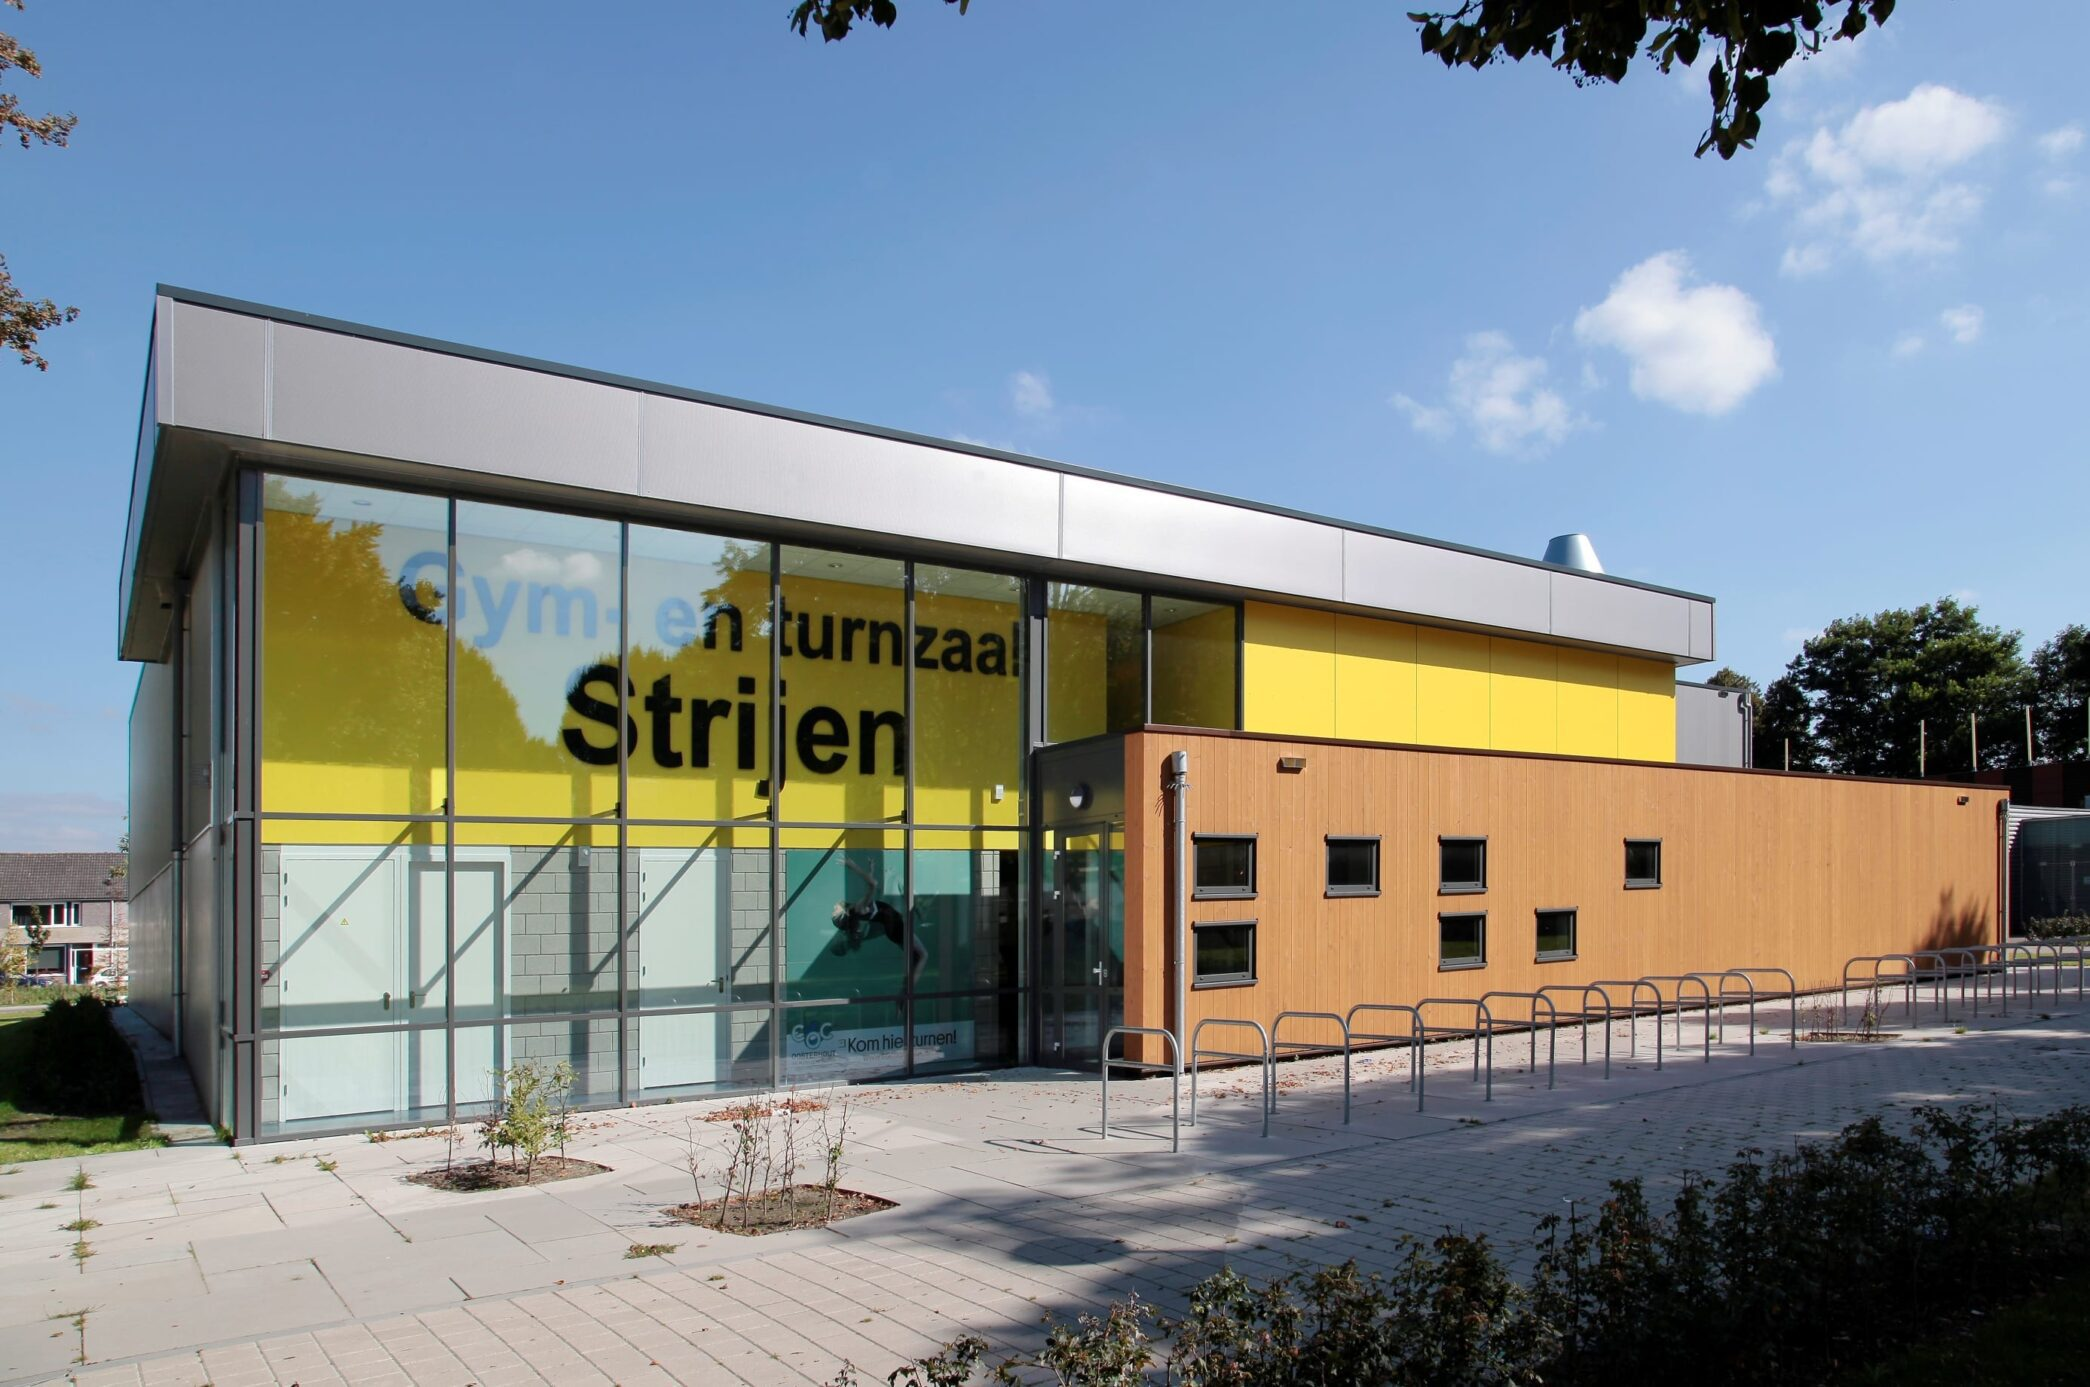 Nieuwe gym-en turnzaal Oosterhout